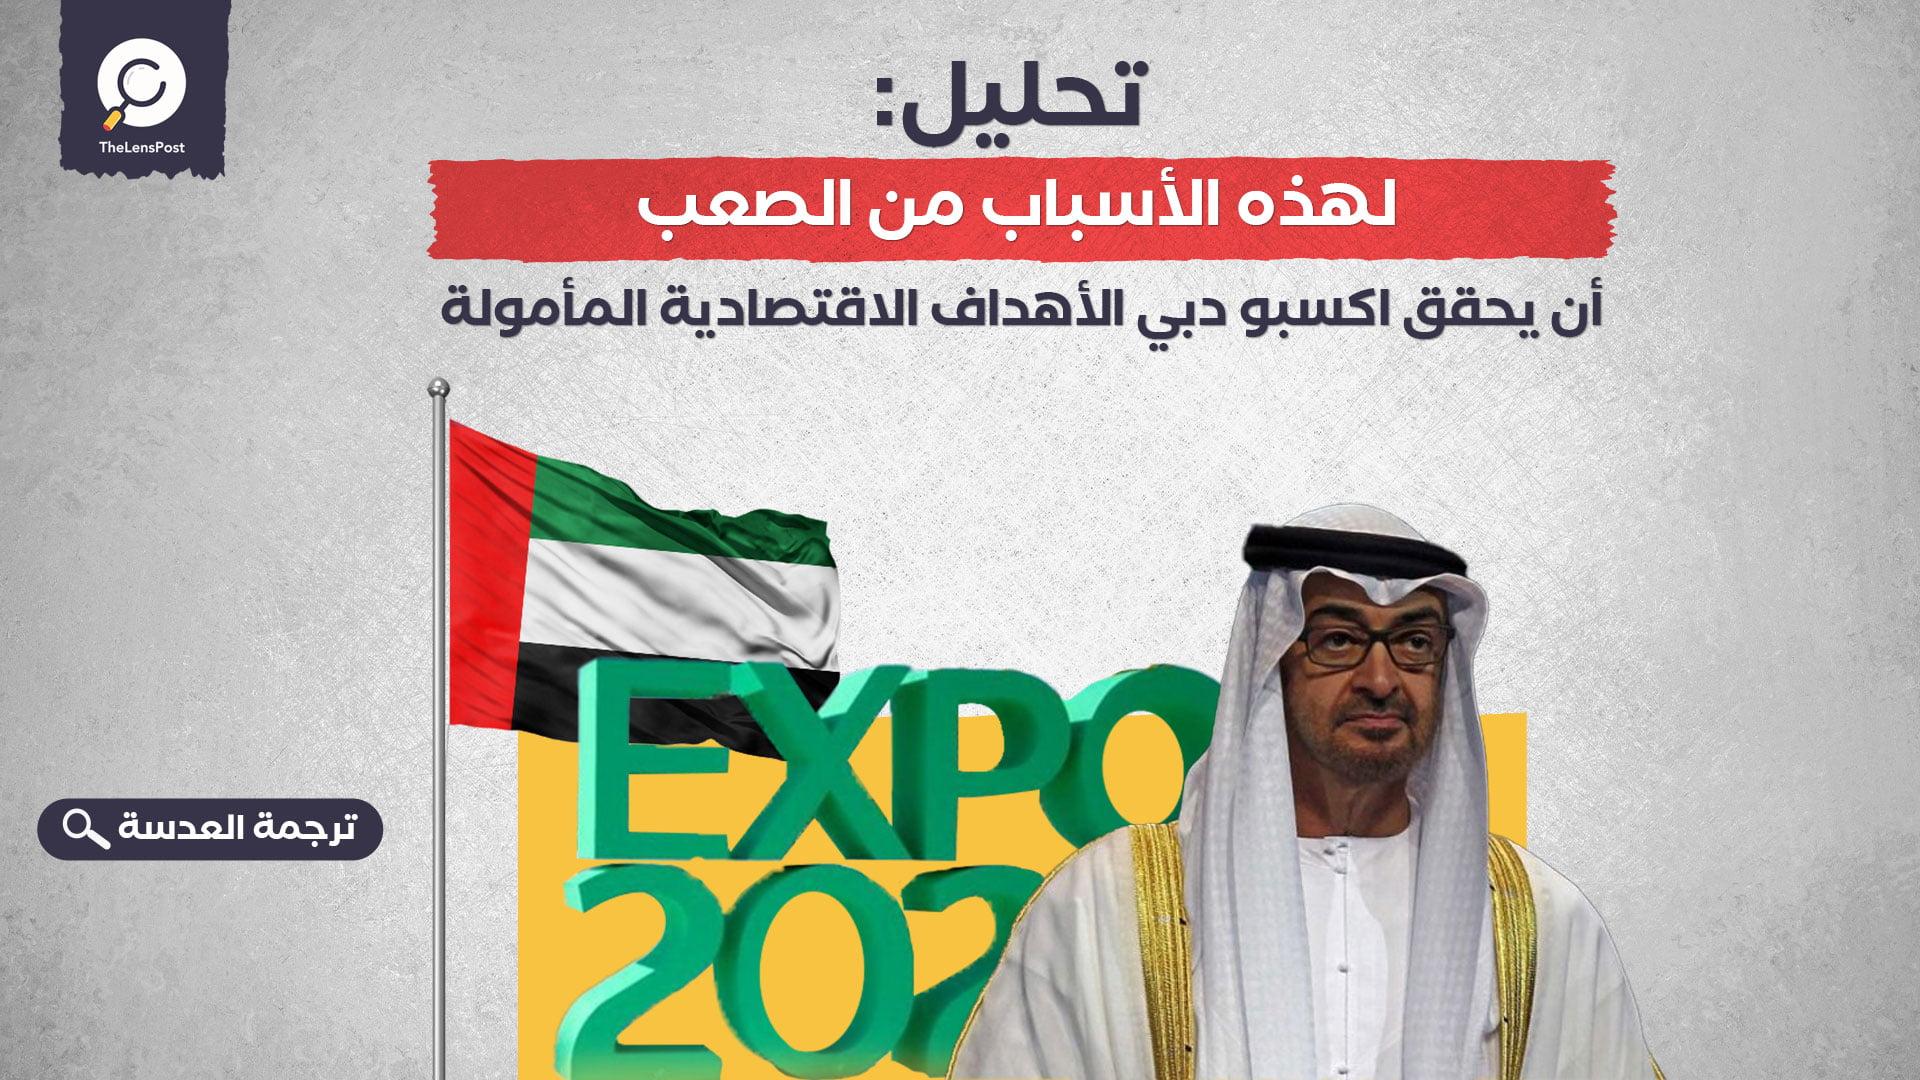 تحليل: لهذه الأسباب من الصعب أن يحقق اكسبو دبي الأهداف الاقتصادية المأمولة